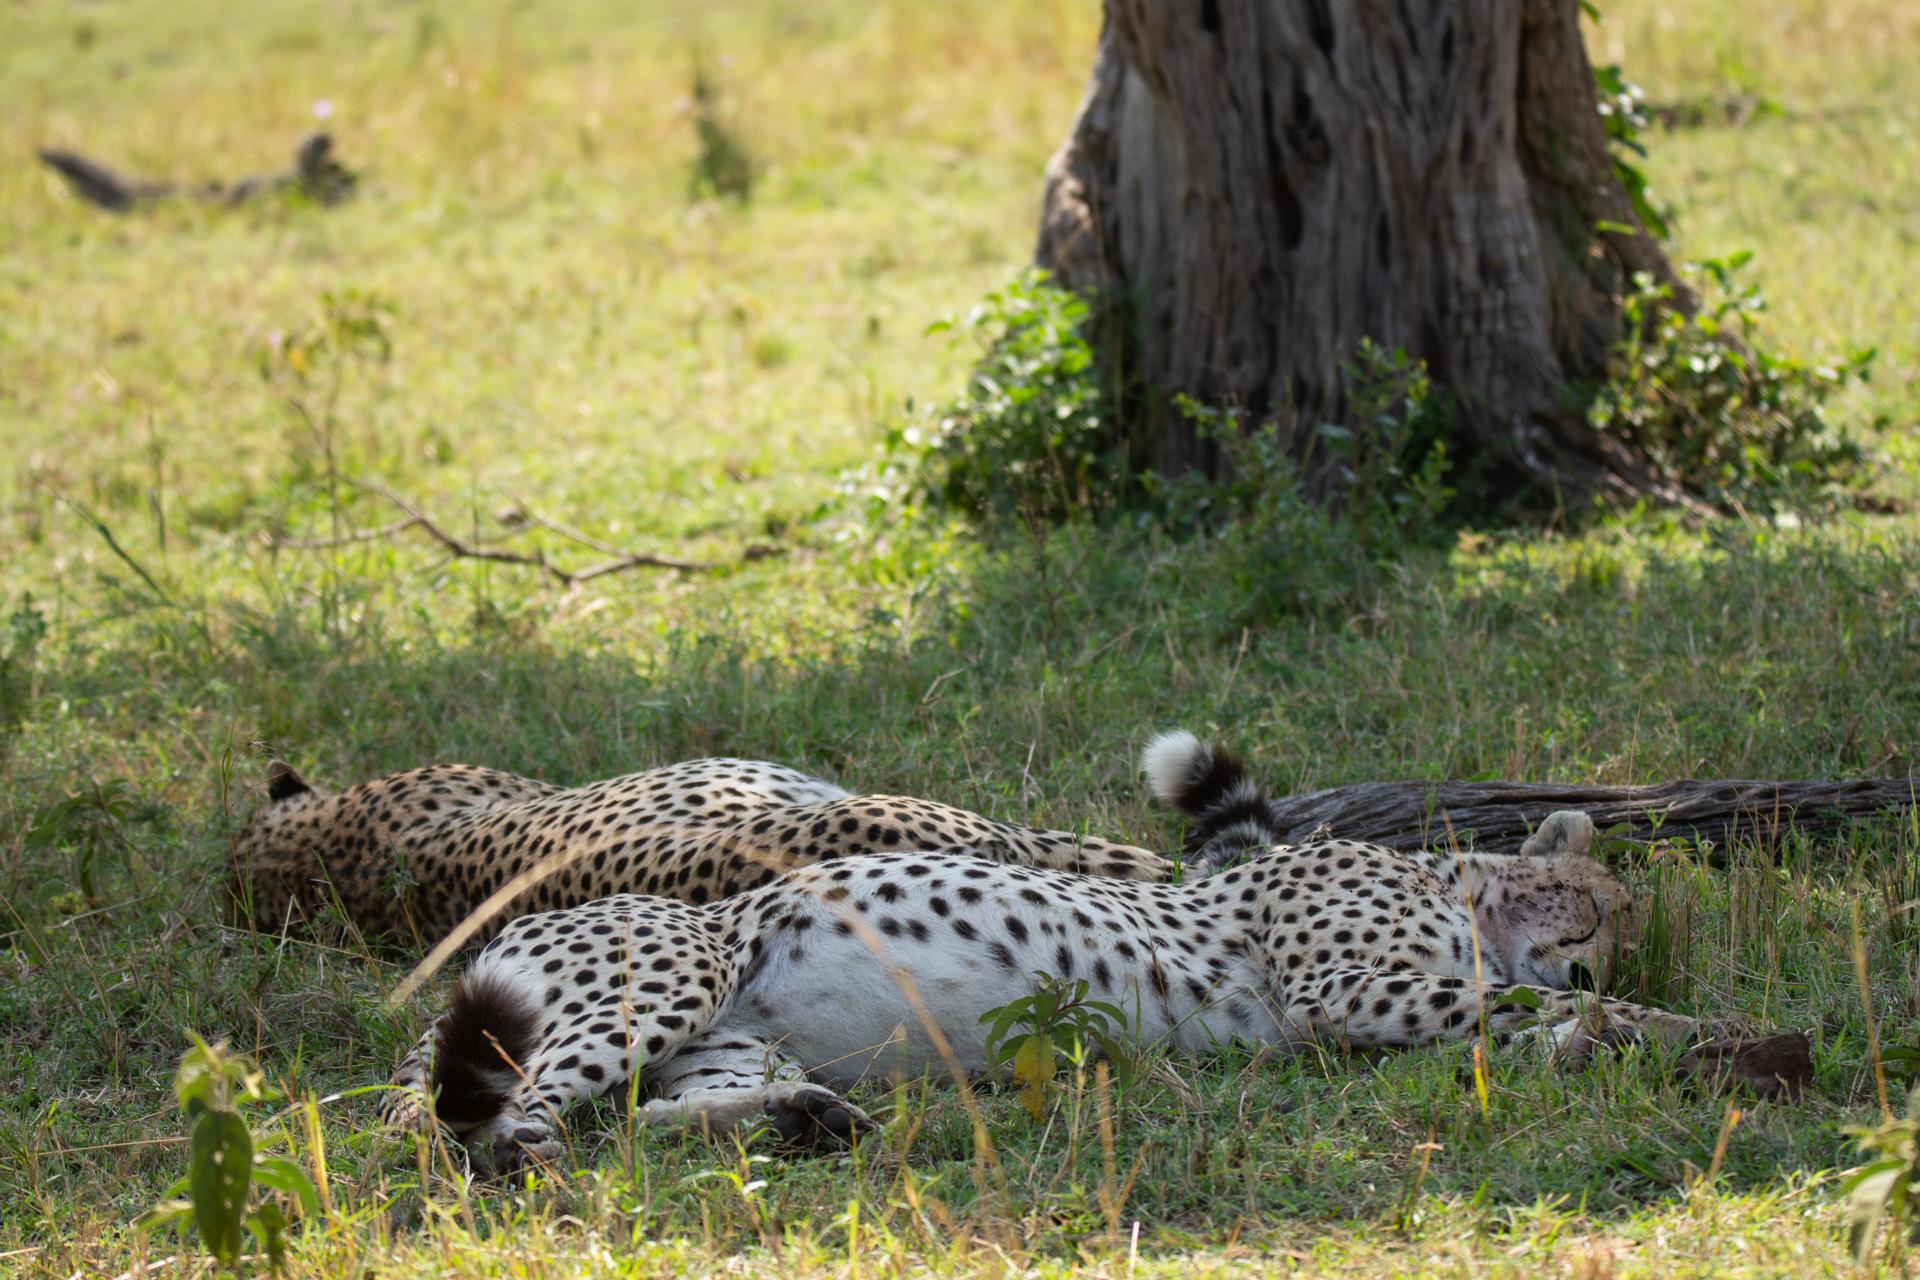 Cheetahs sleeping in the shade